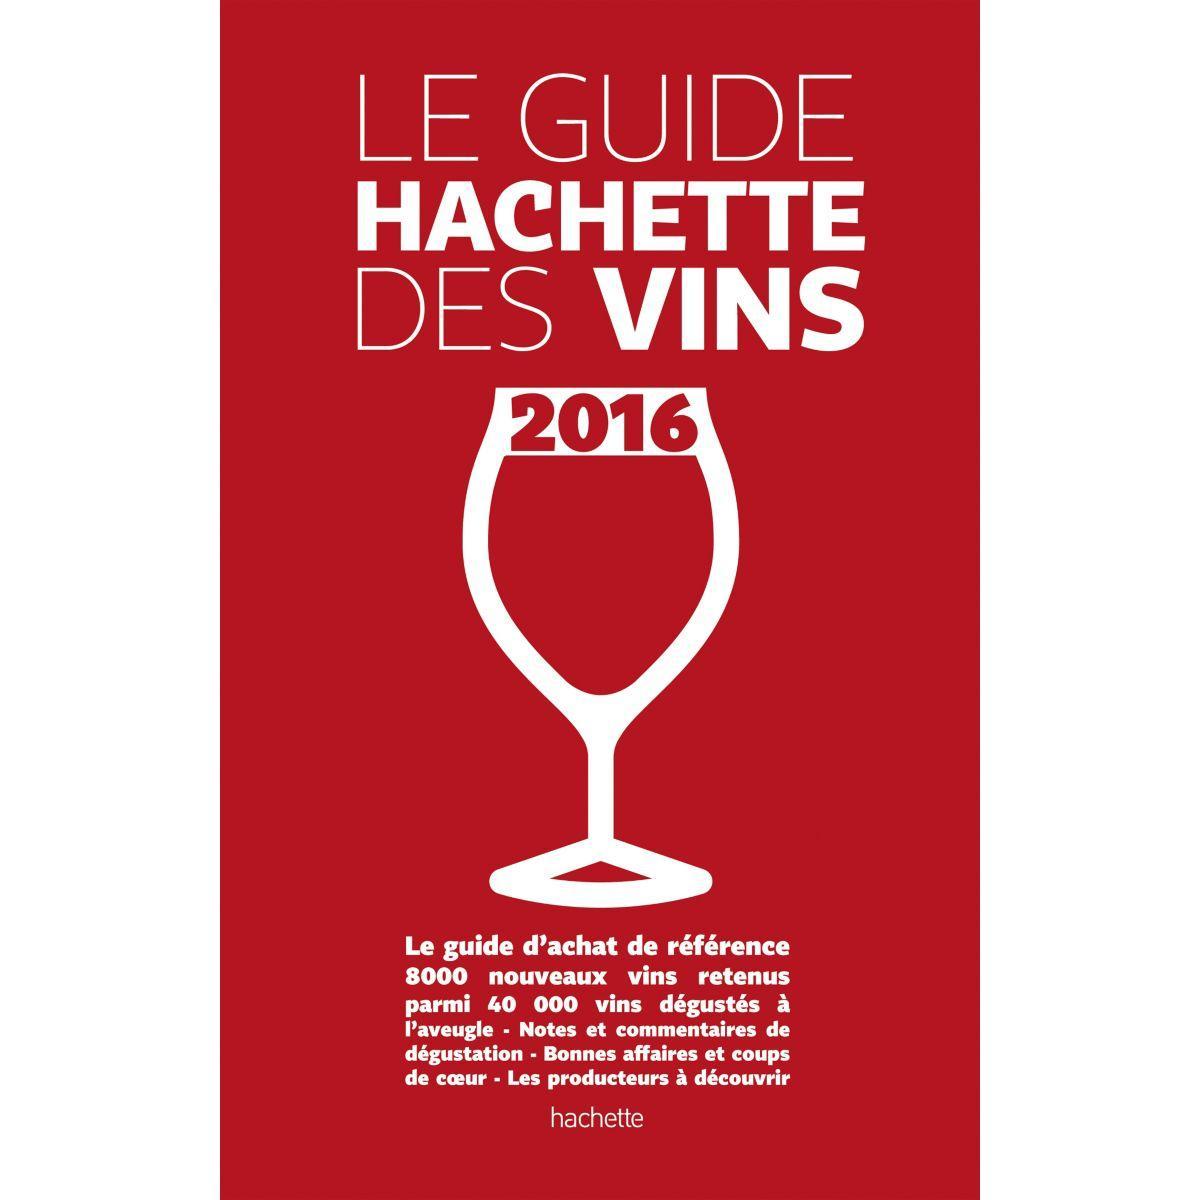 Livre hachette guide hachette des vins 2 - la sélection webdistrib.com (photo)